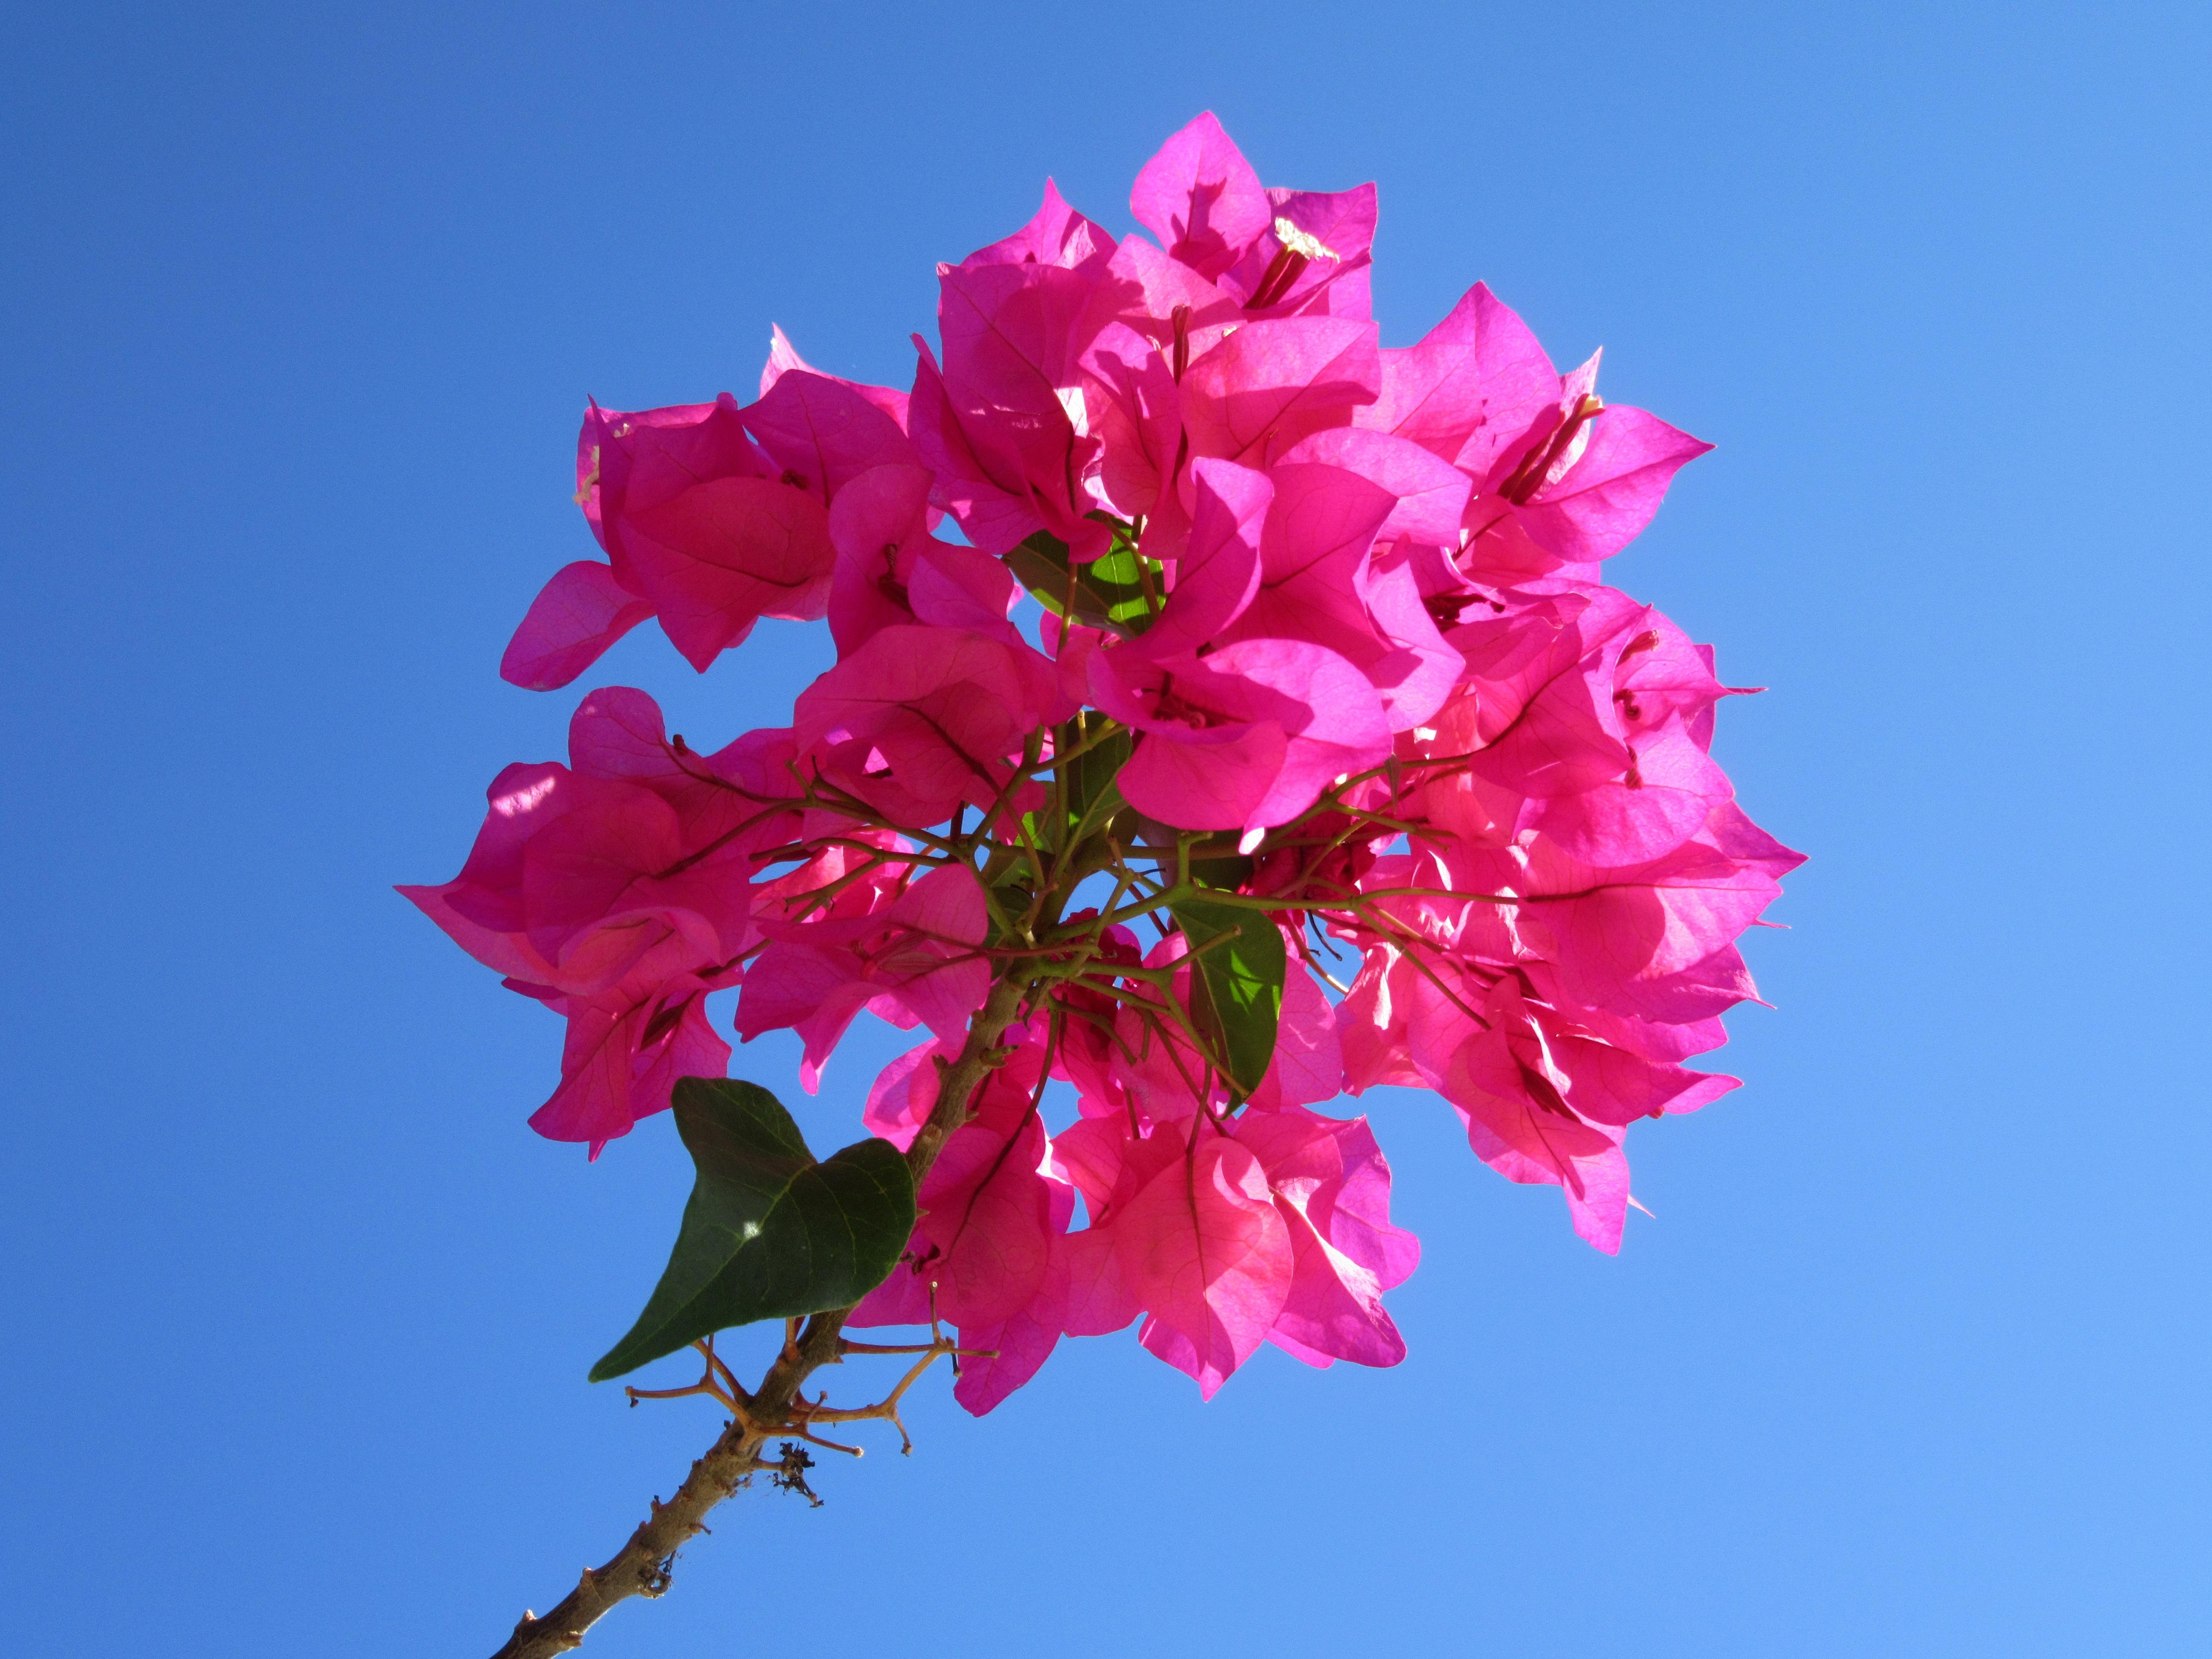 Bougainville Fleur dedans images gratuites : arbre, branche, ciel, feuille, pétale